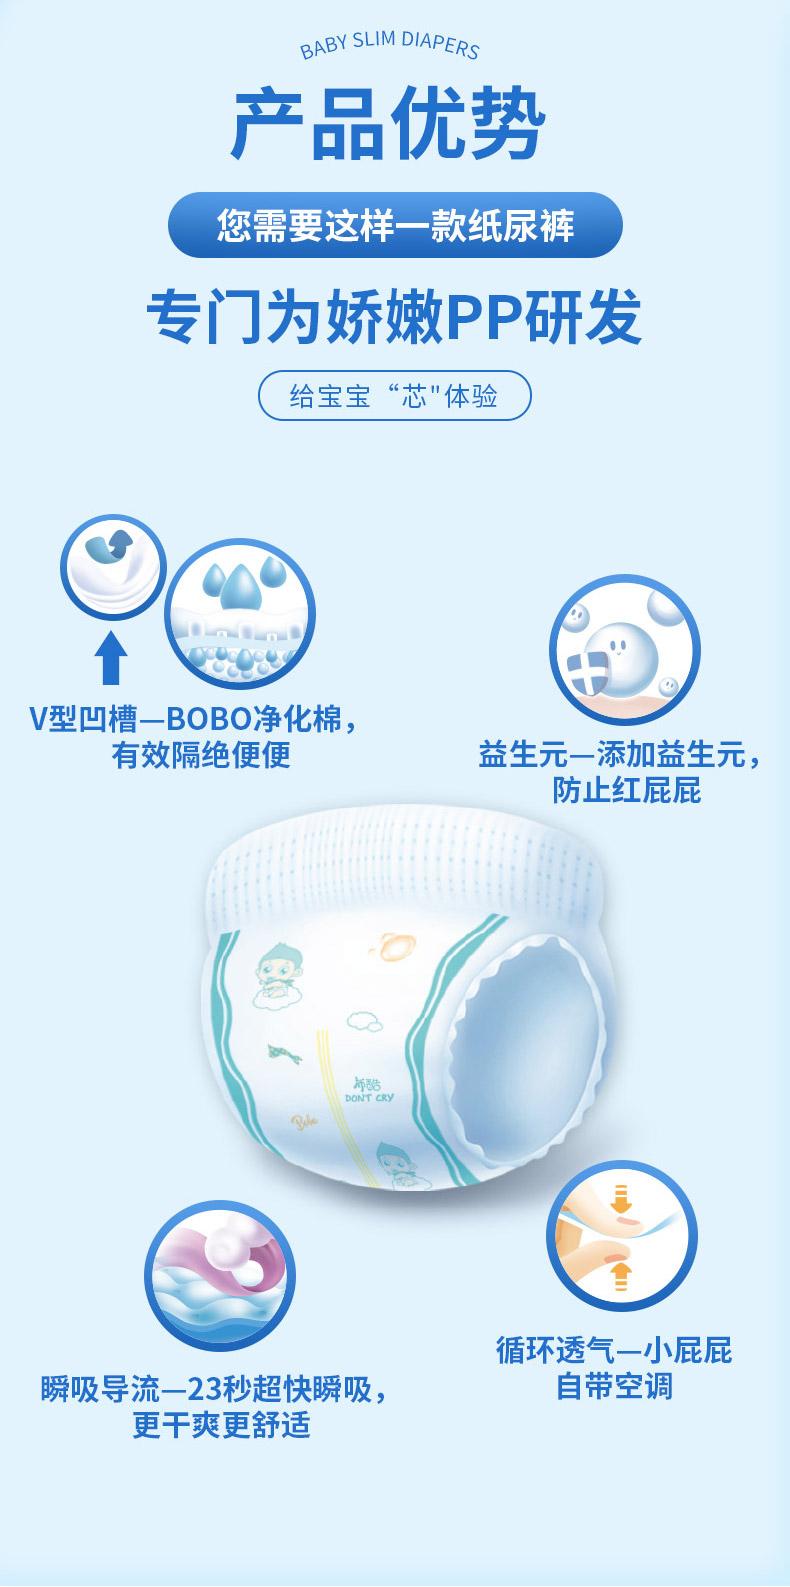 布酷纸尿裤(图3)